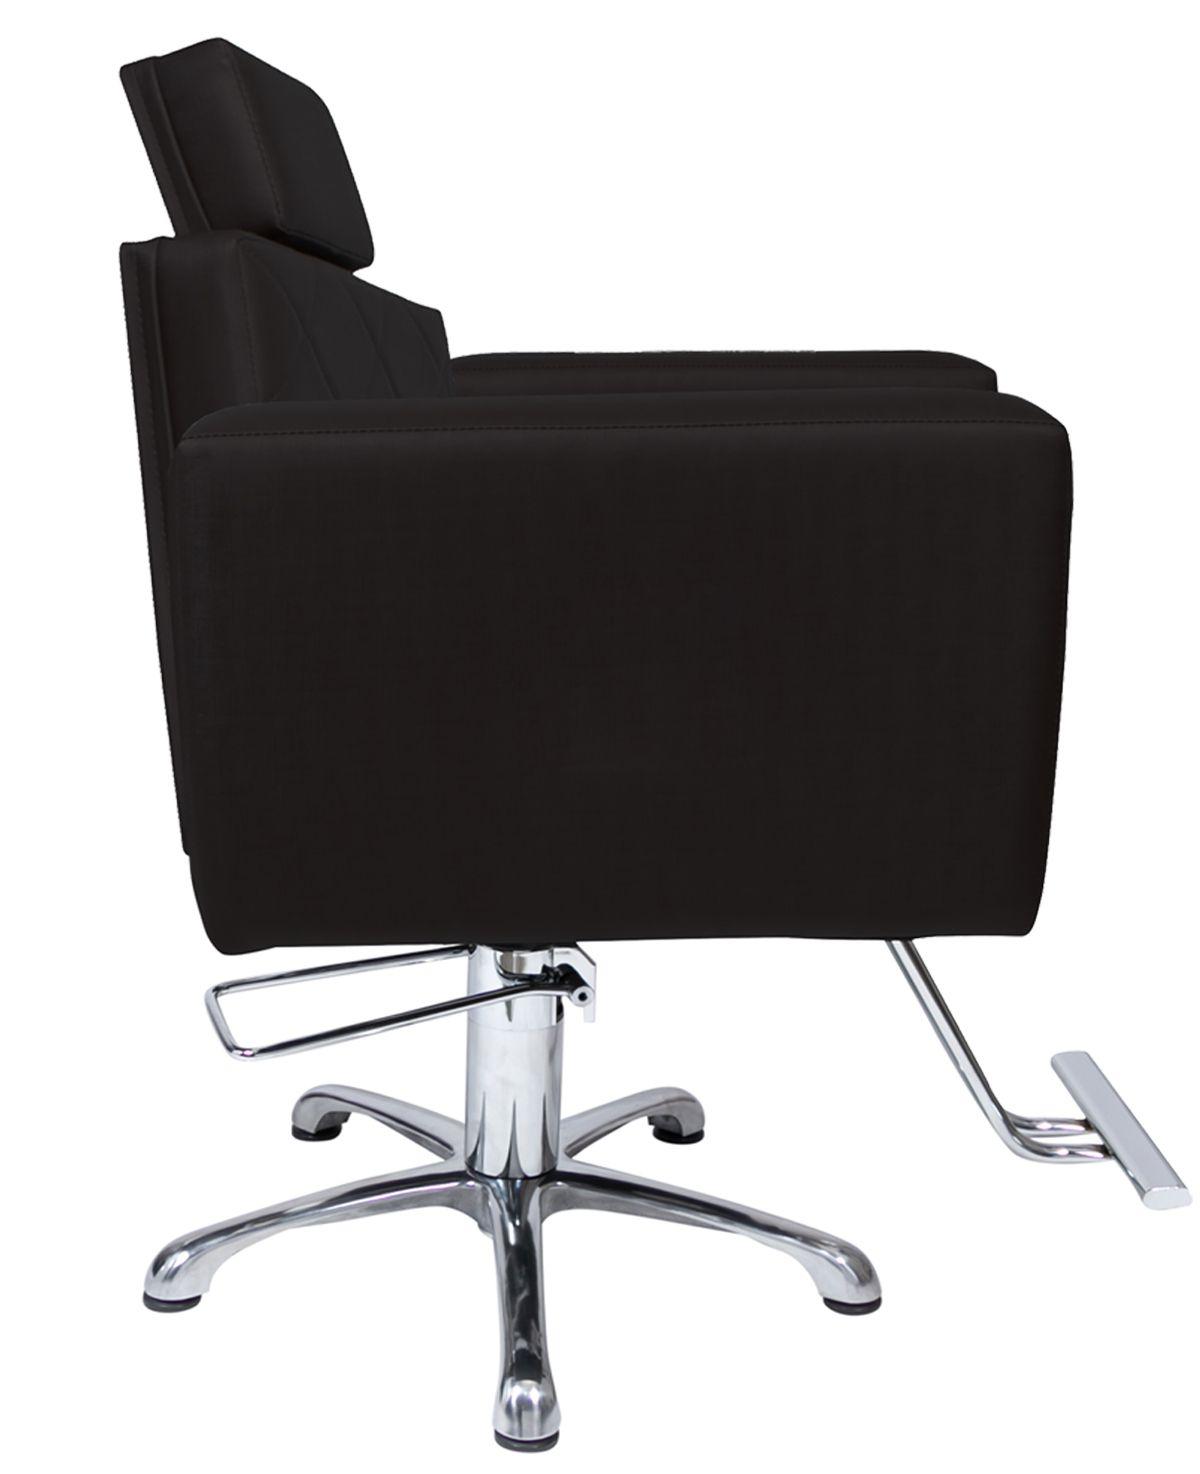 Poltrona Cadeira Hidráulica Evidence Fixa Preto Factor